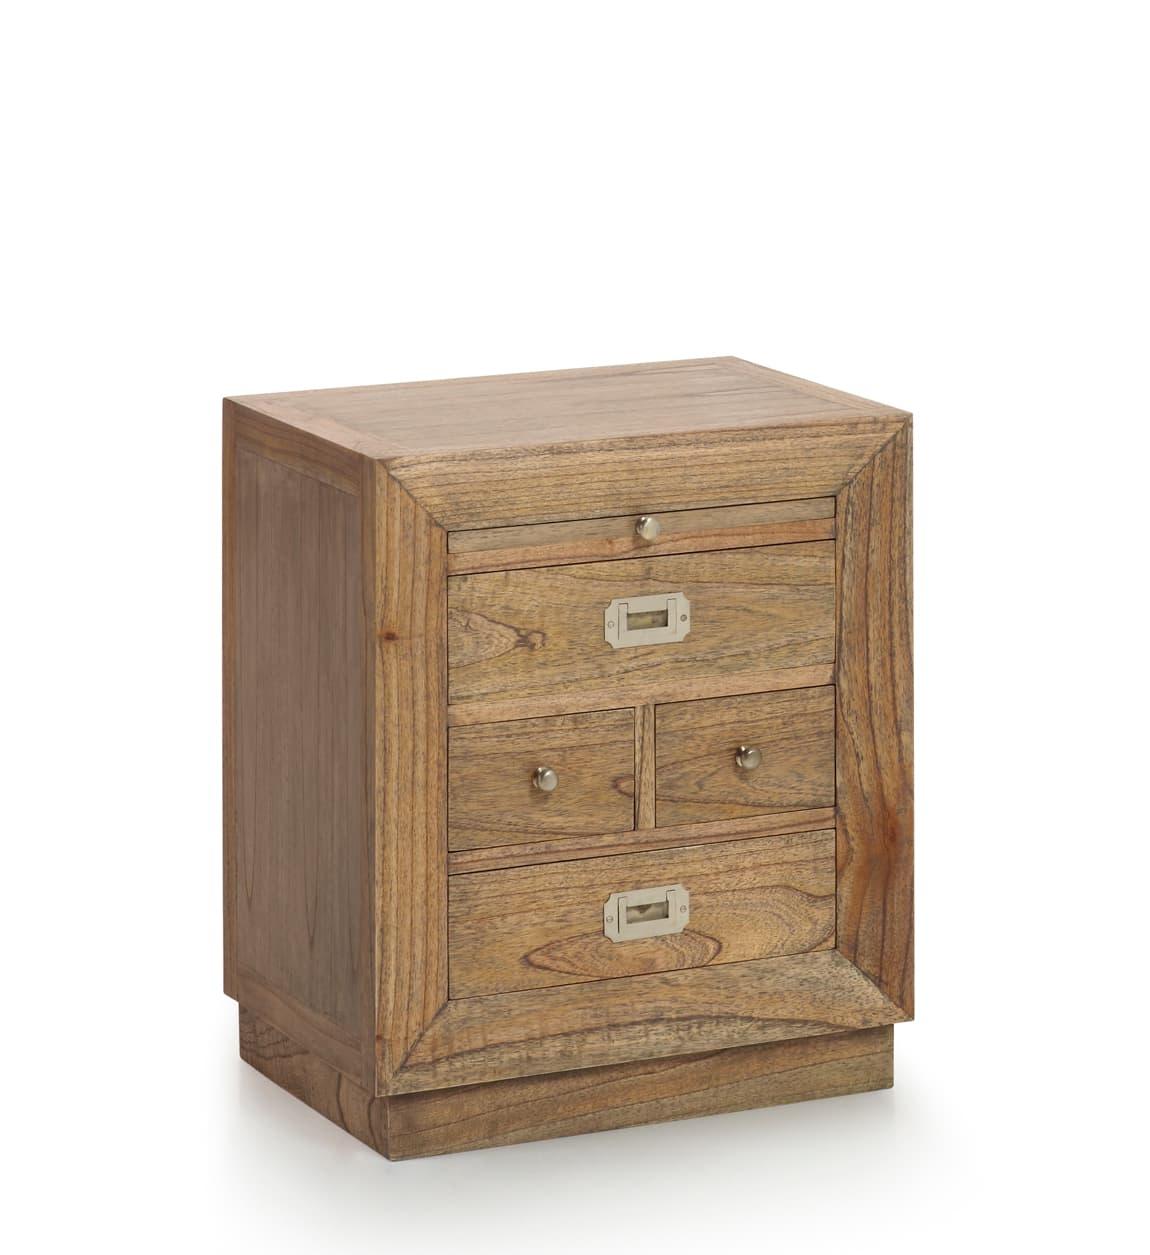 Noptiera din lemn cu 4 sertare, Merapi Natural, l50xA40xH60 cm somproduct.ro